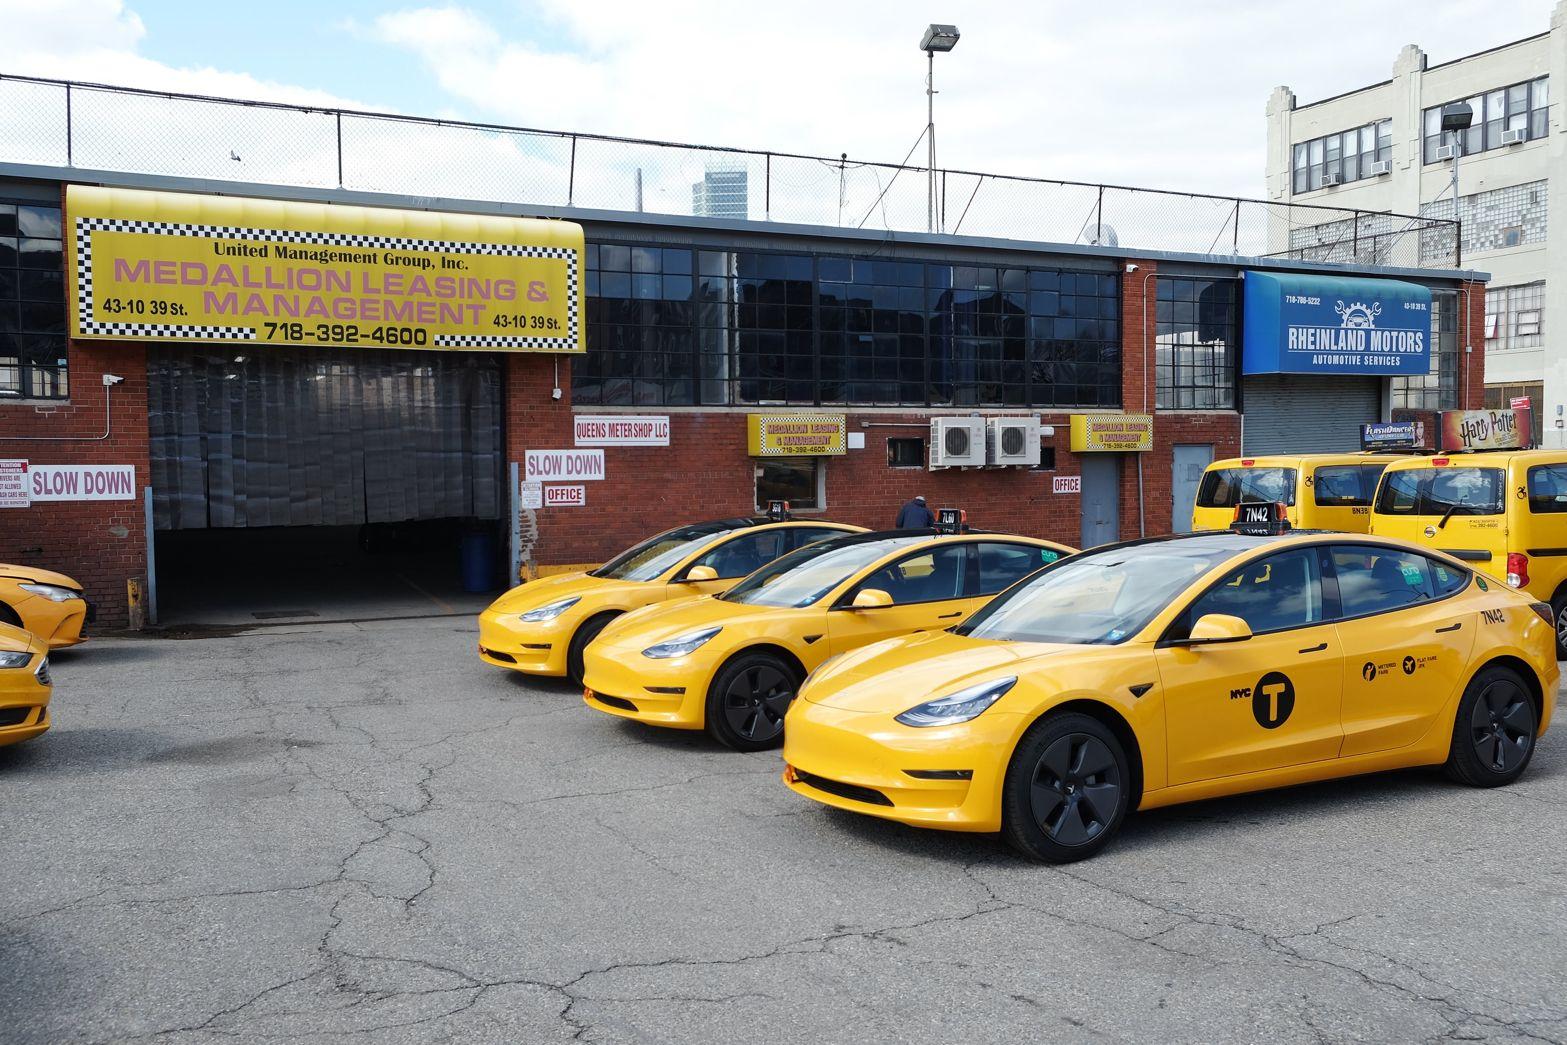 Такси Tesla Model 3 одобрили в Нью-Йорке больше электрических желтых кабин